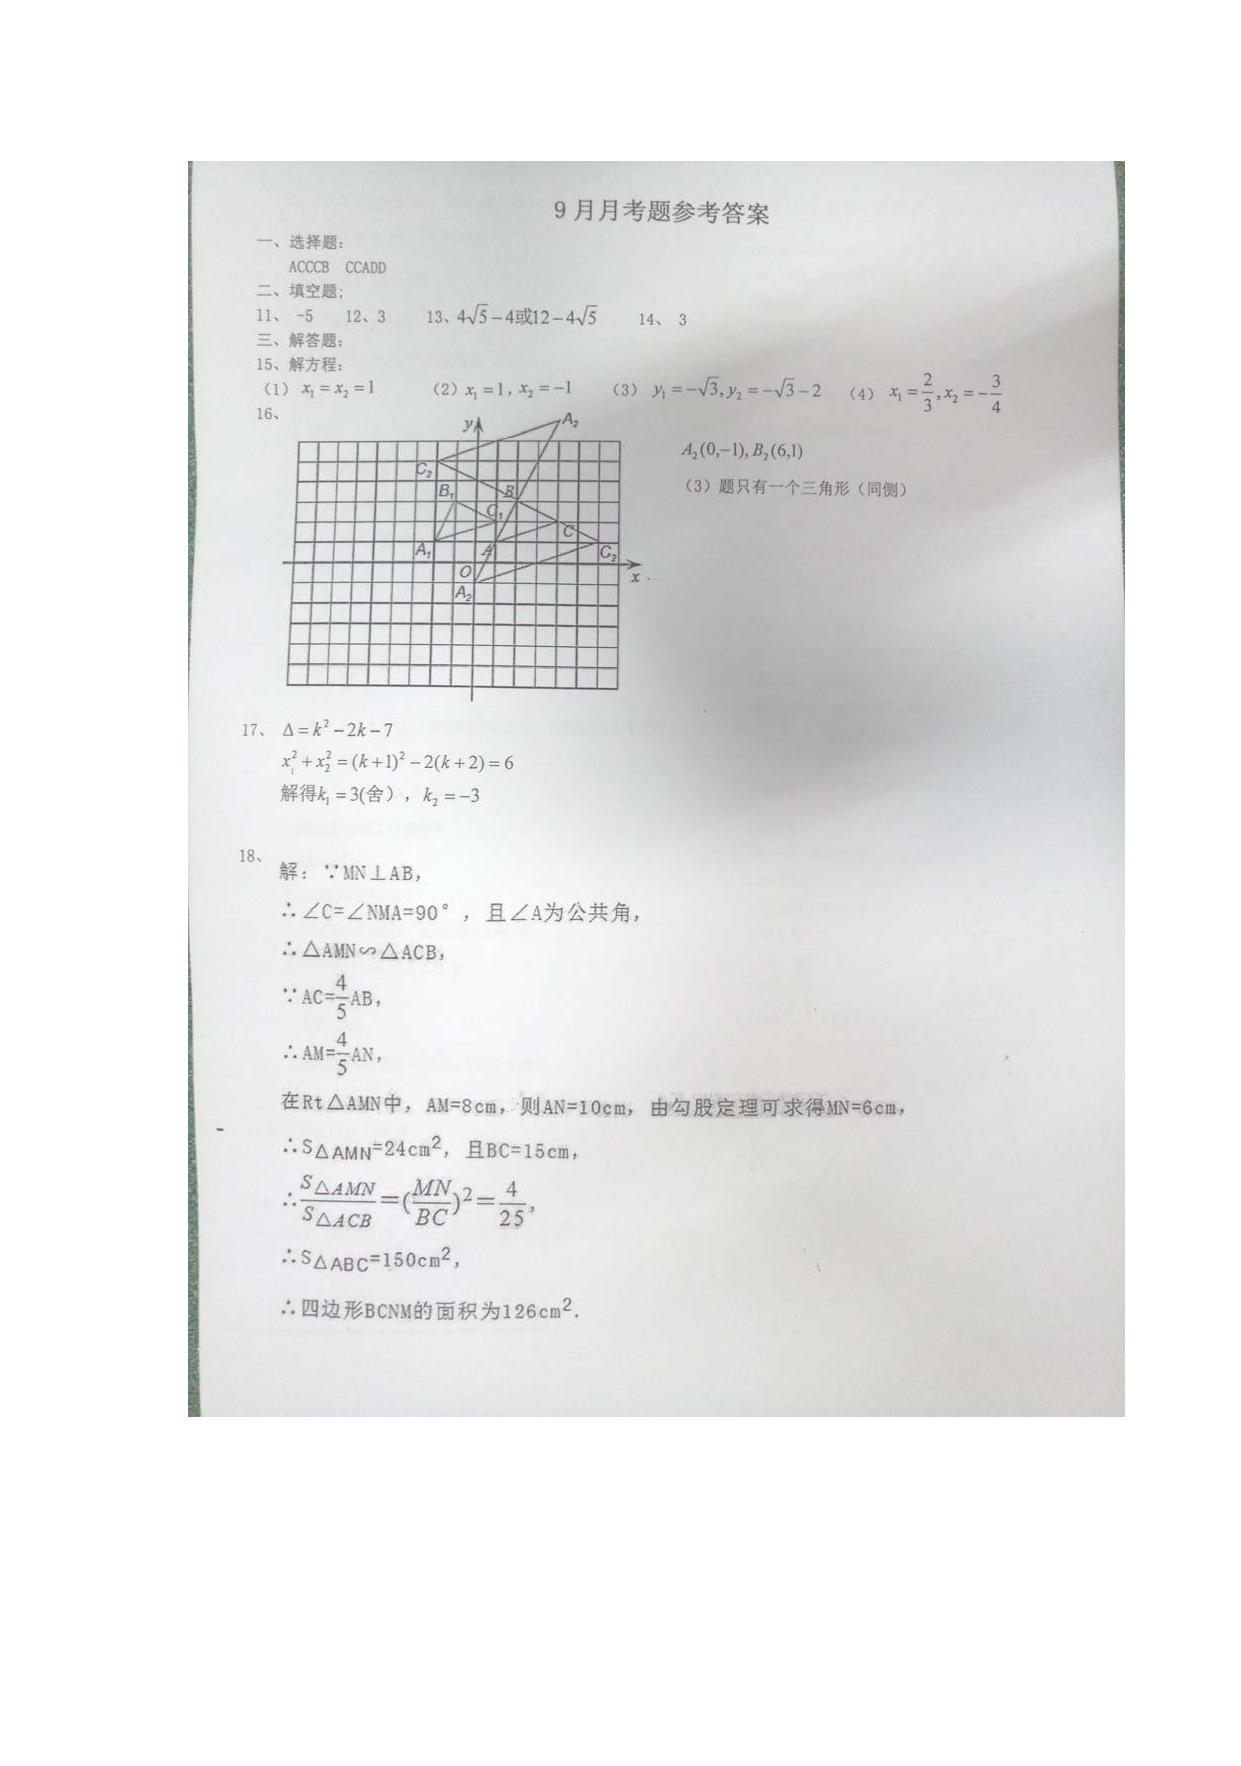 四川成都高新区外国语学校2017-2018九年级9月月考数学试卷答案(图片版)